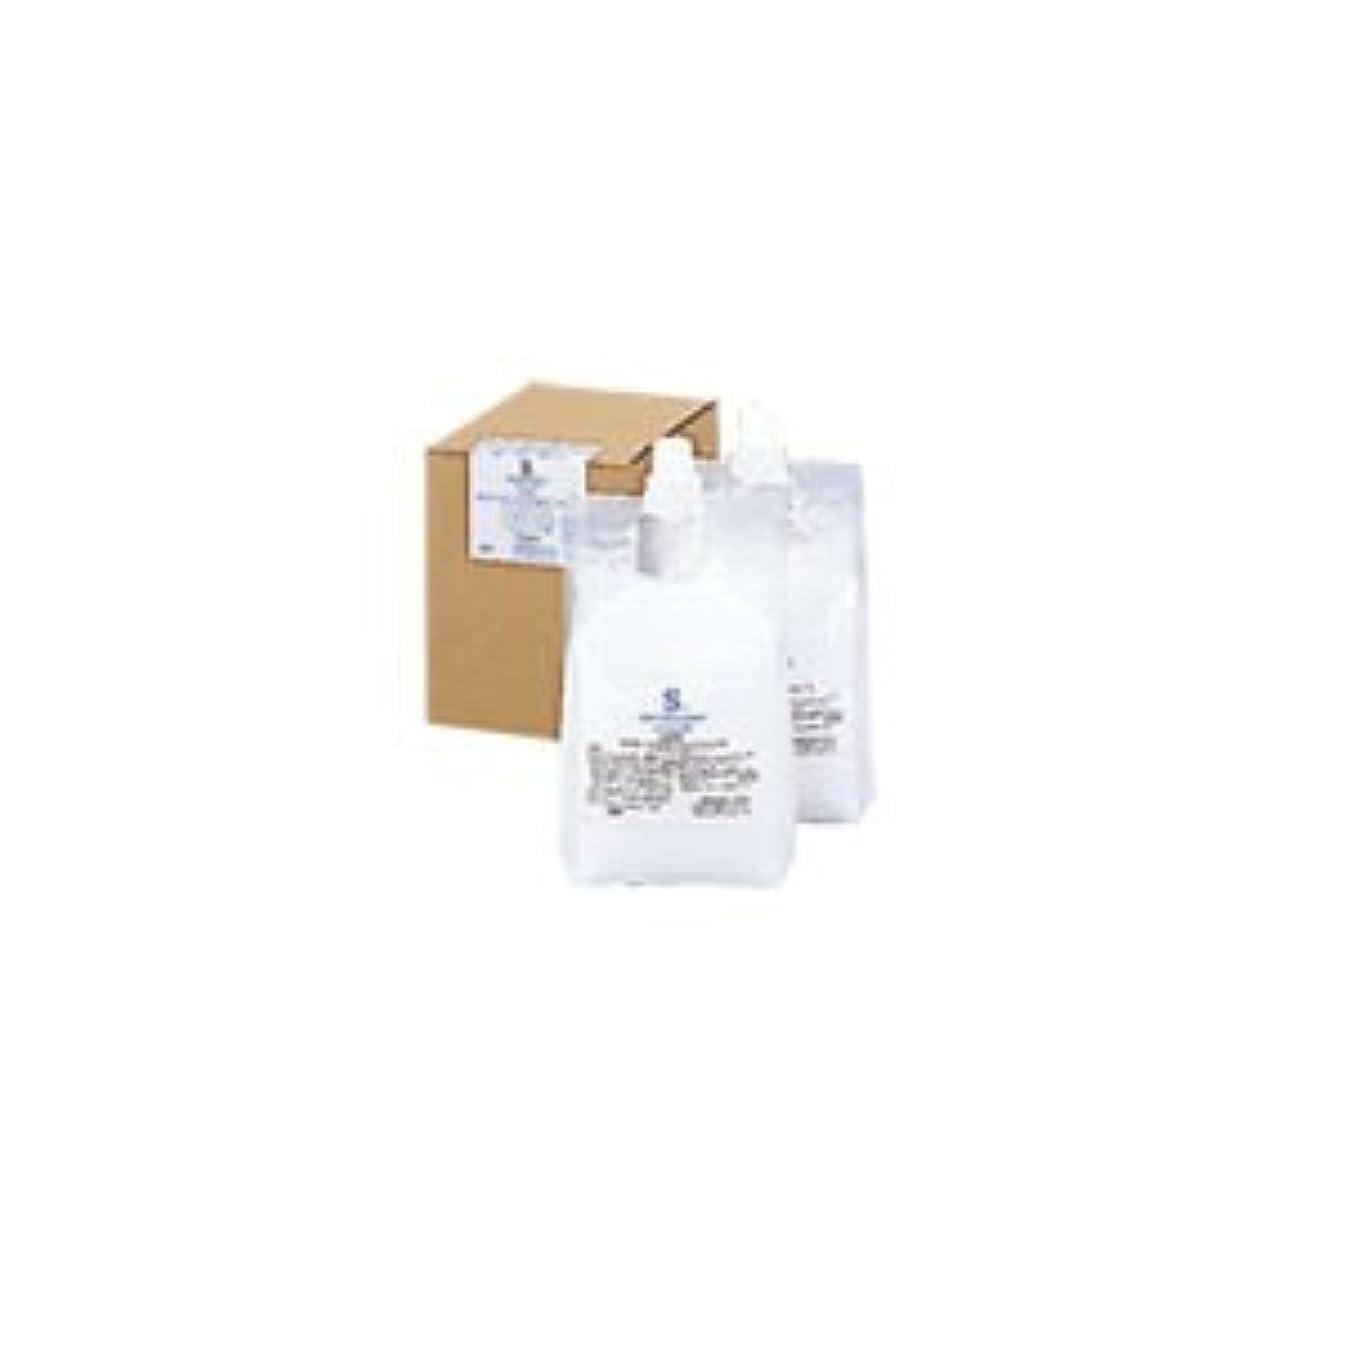 ではごきげんようアトラスハードウェアナカノ センフィーク コンディショナー スムース 3000ml(1500ml×2)レフィル